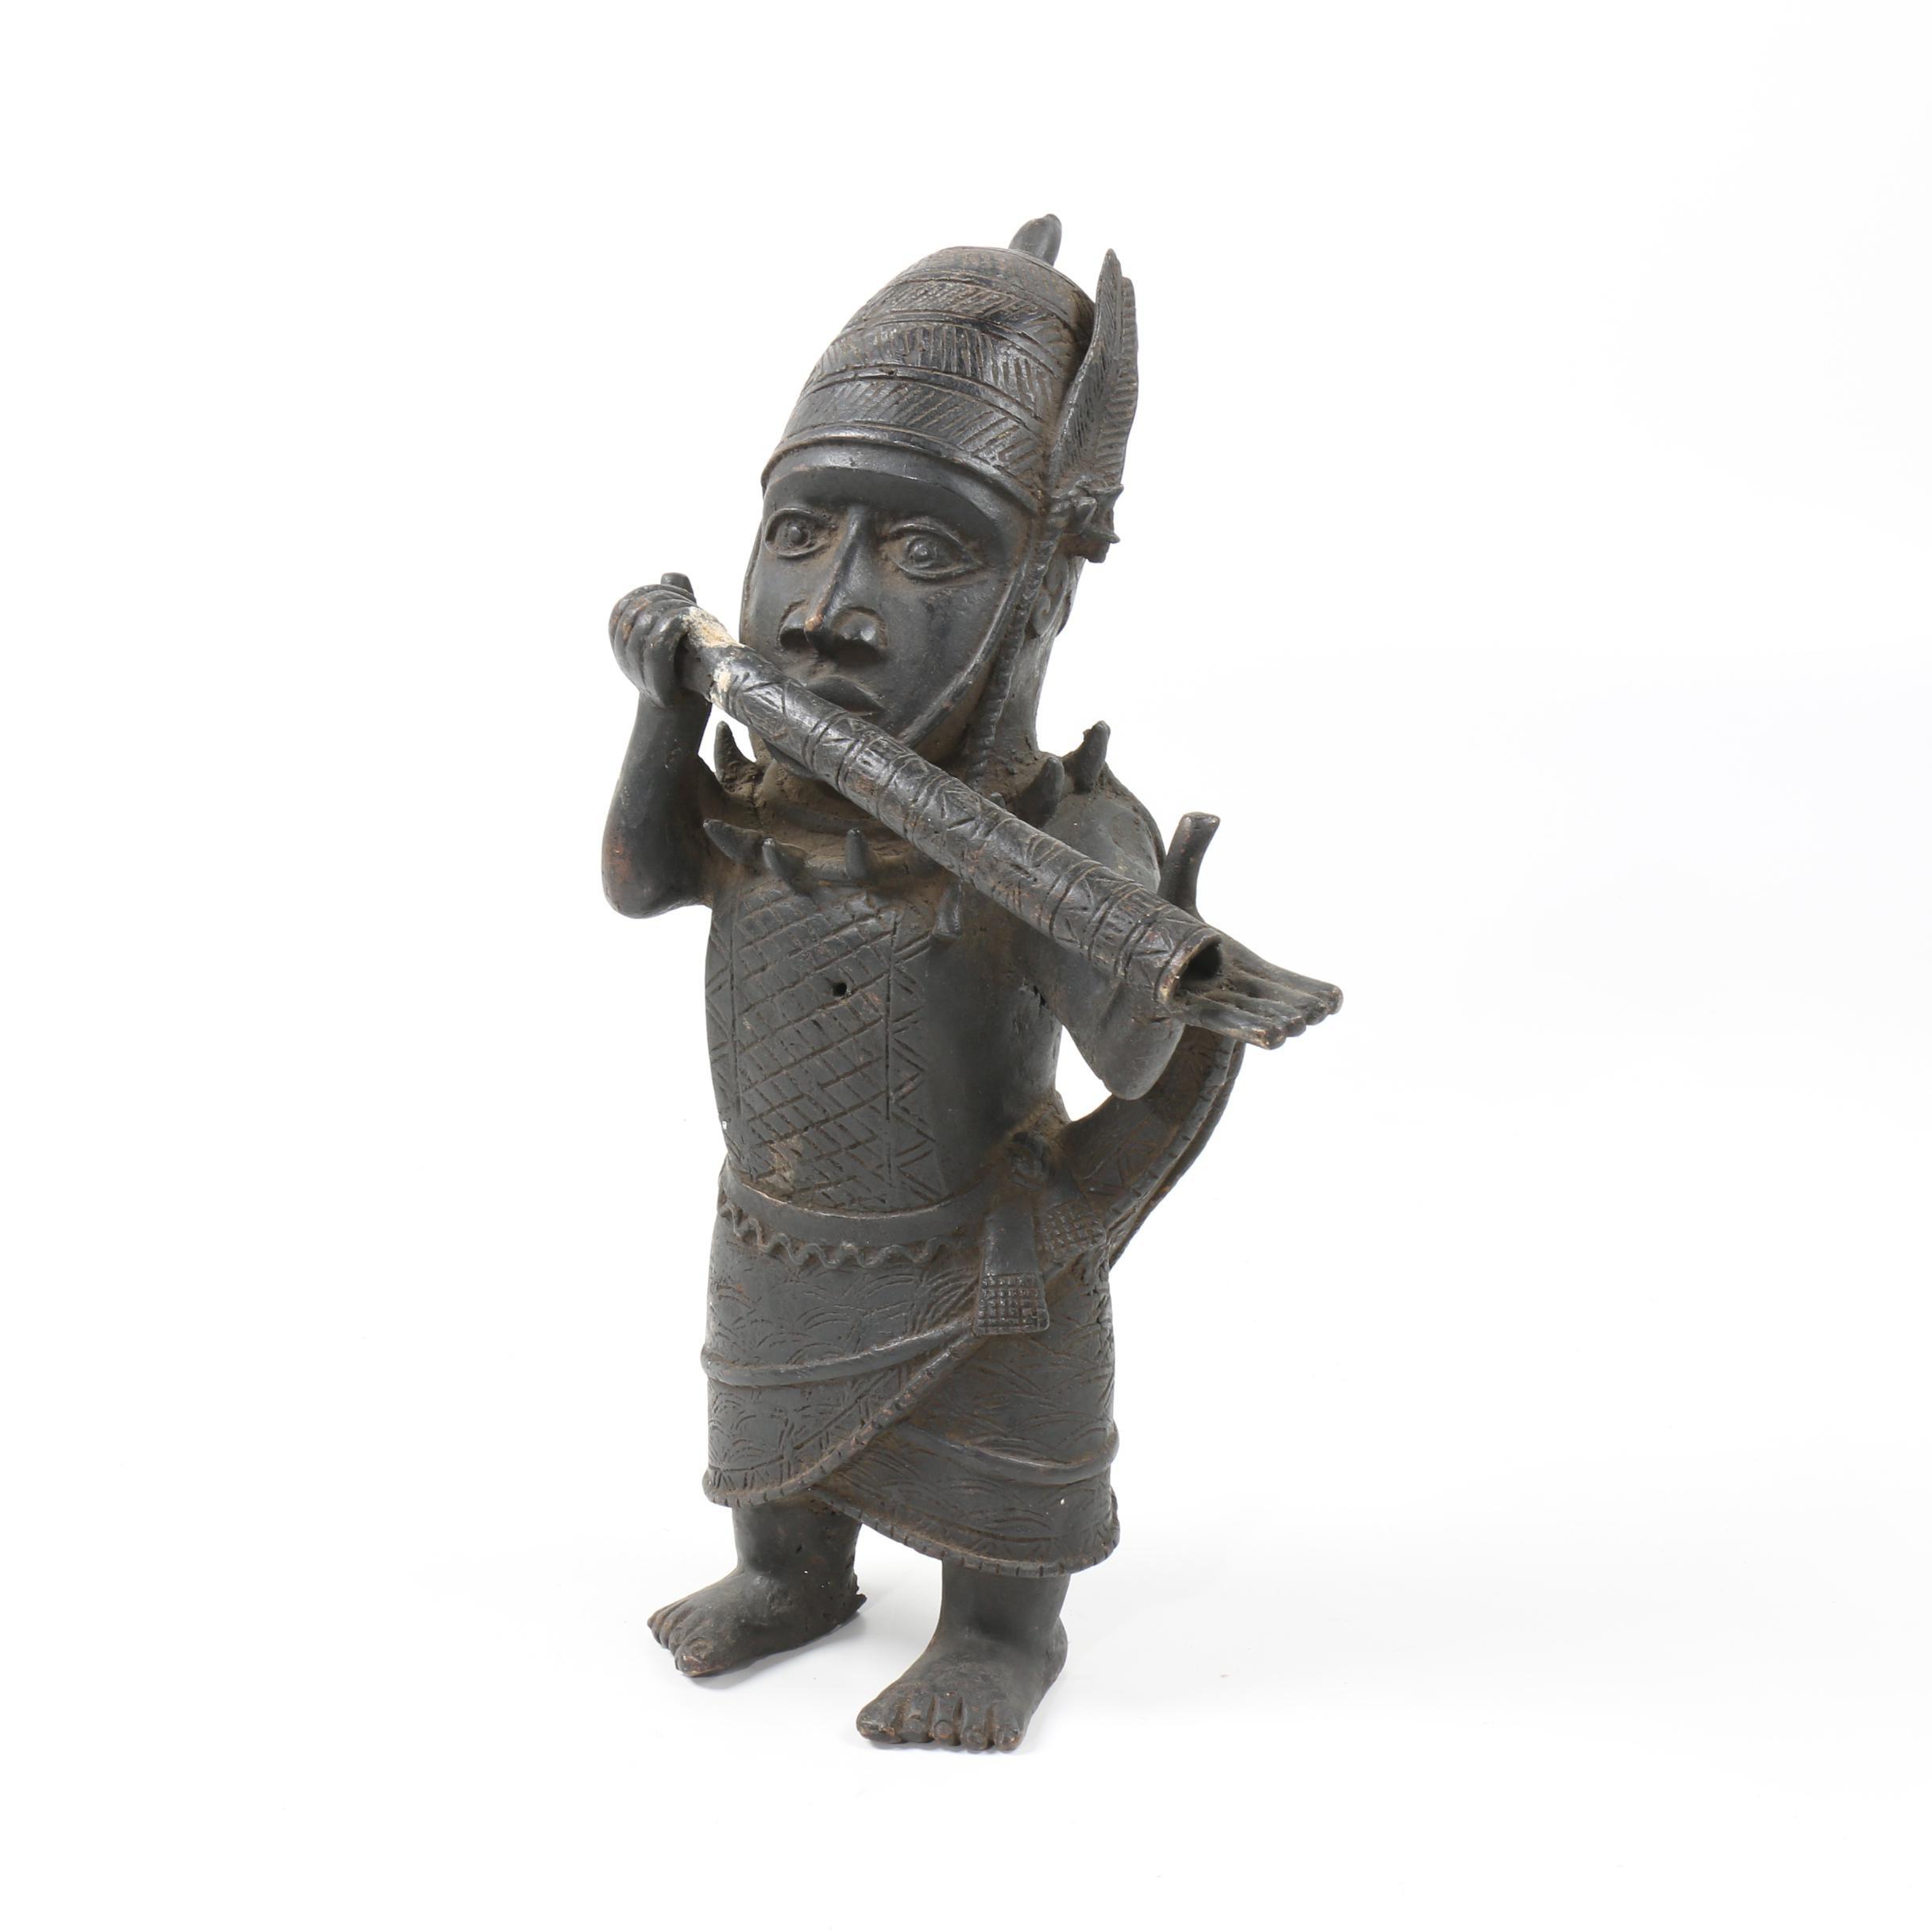 Benin Bronze Sculpture of a Musician